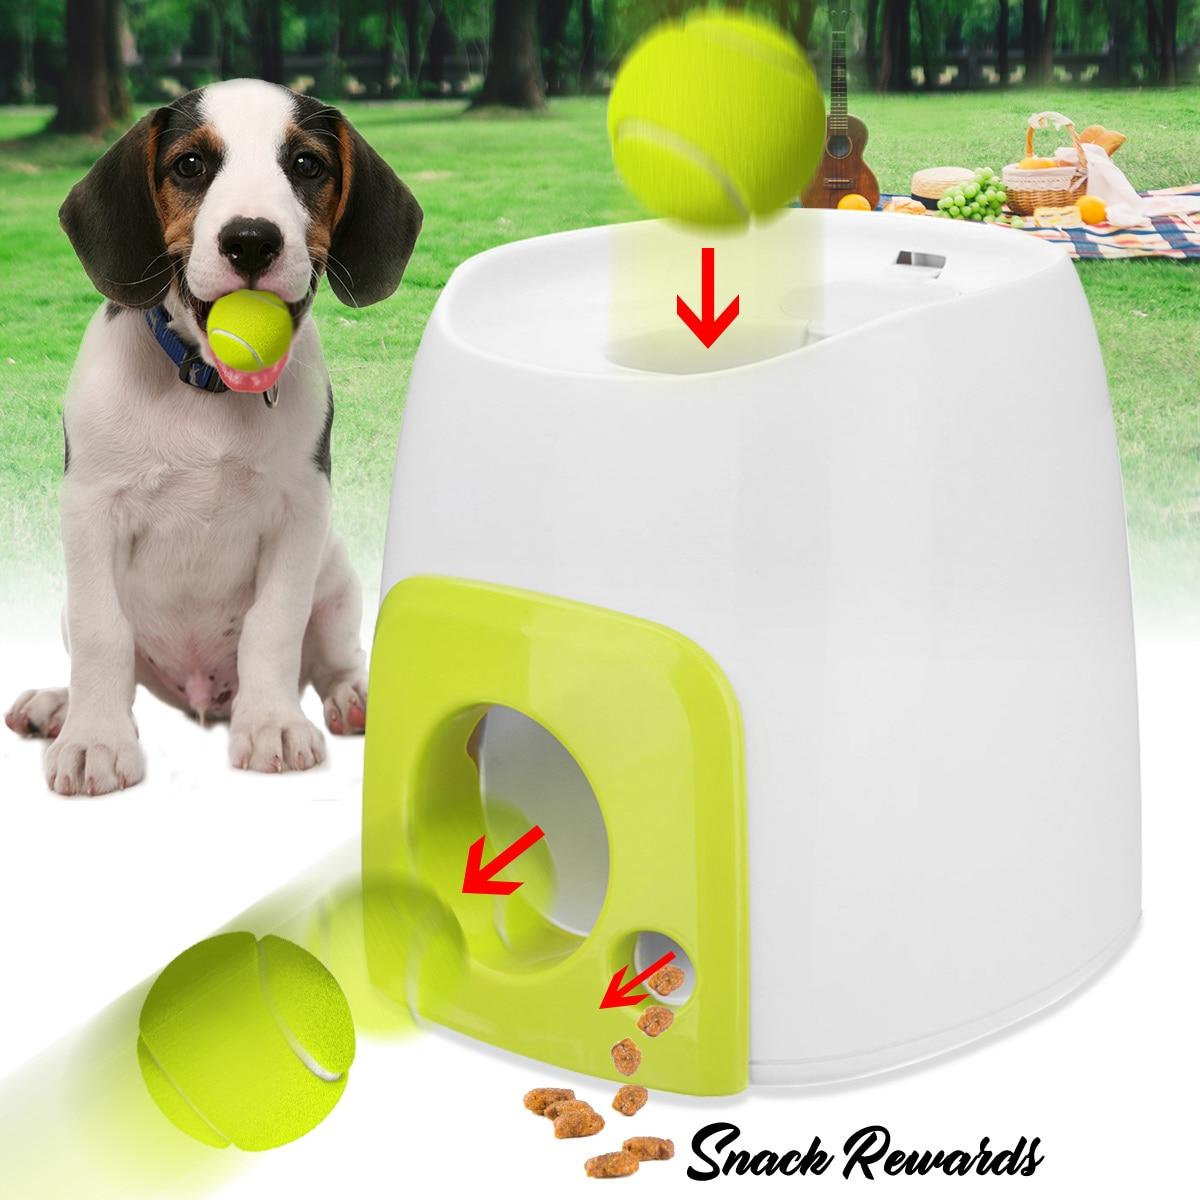 Woopet jouet pour chien de compagnie lanceur de balle interactif automatique balle de Tennis Machine de lancer lancer des balles de récupération outil de formation de chien